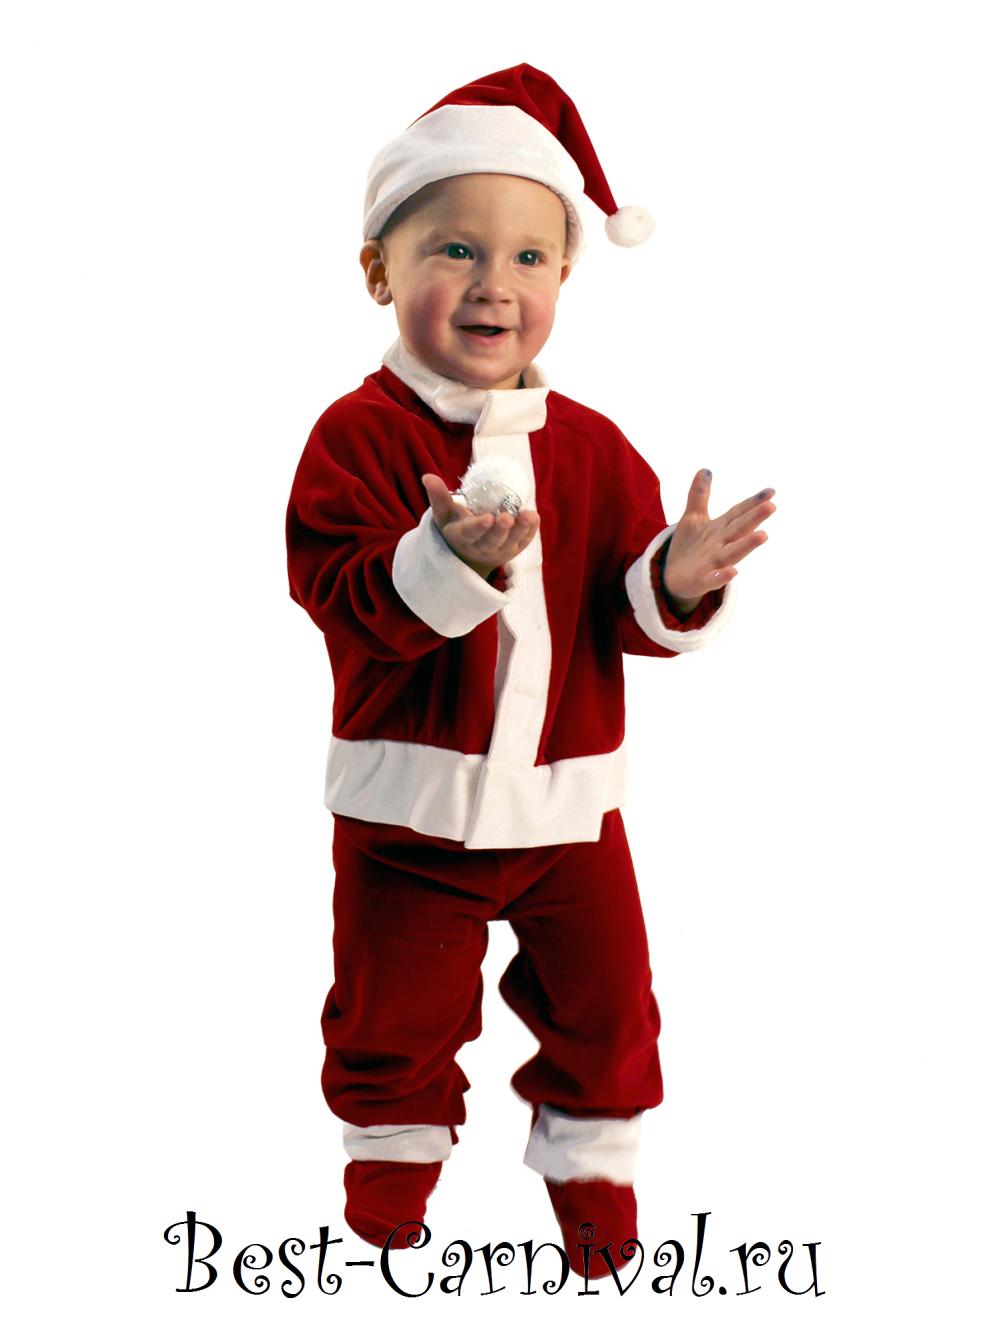 Костюм для детей на новый год своими руками